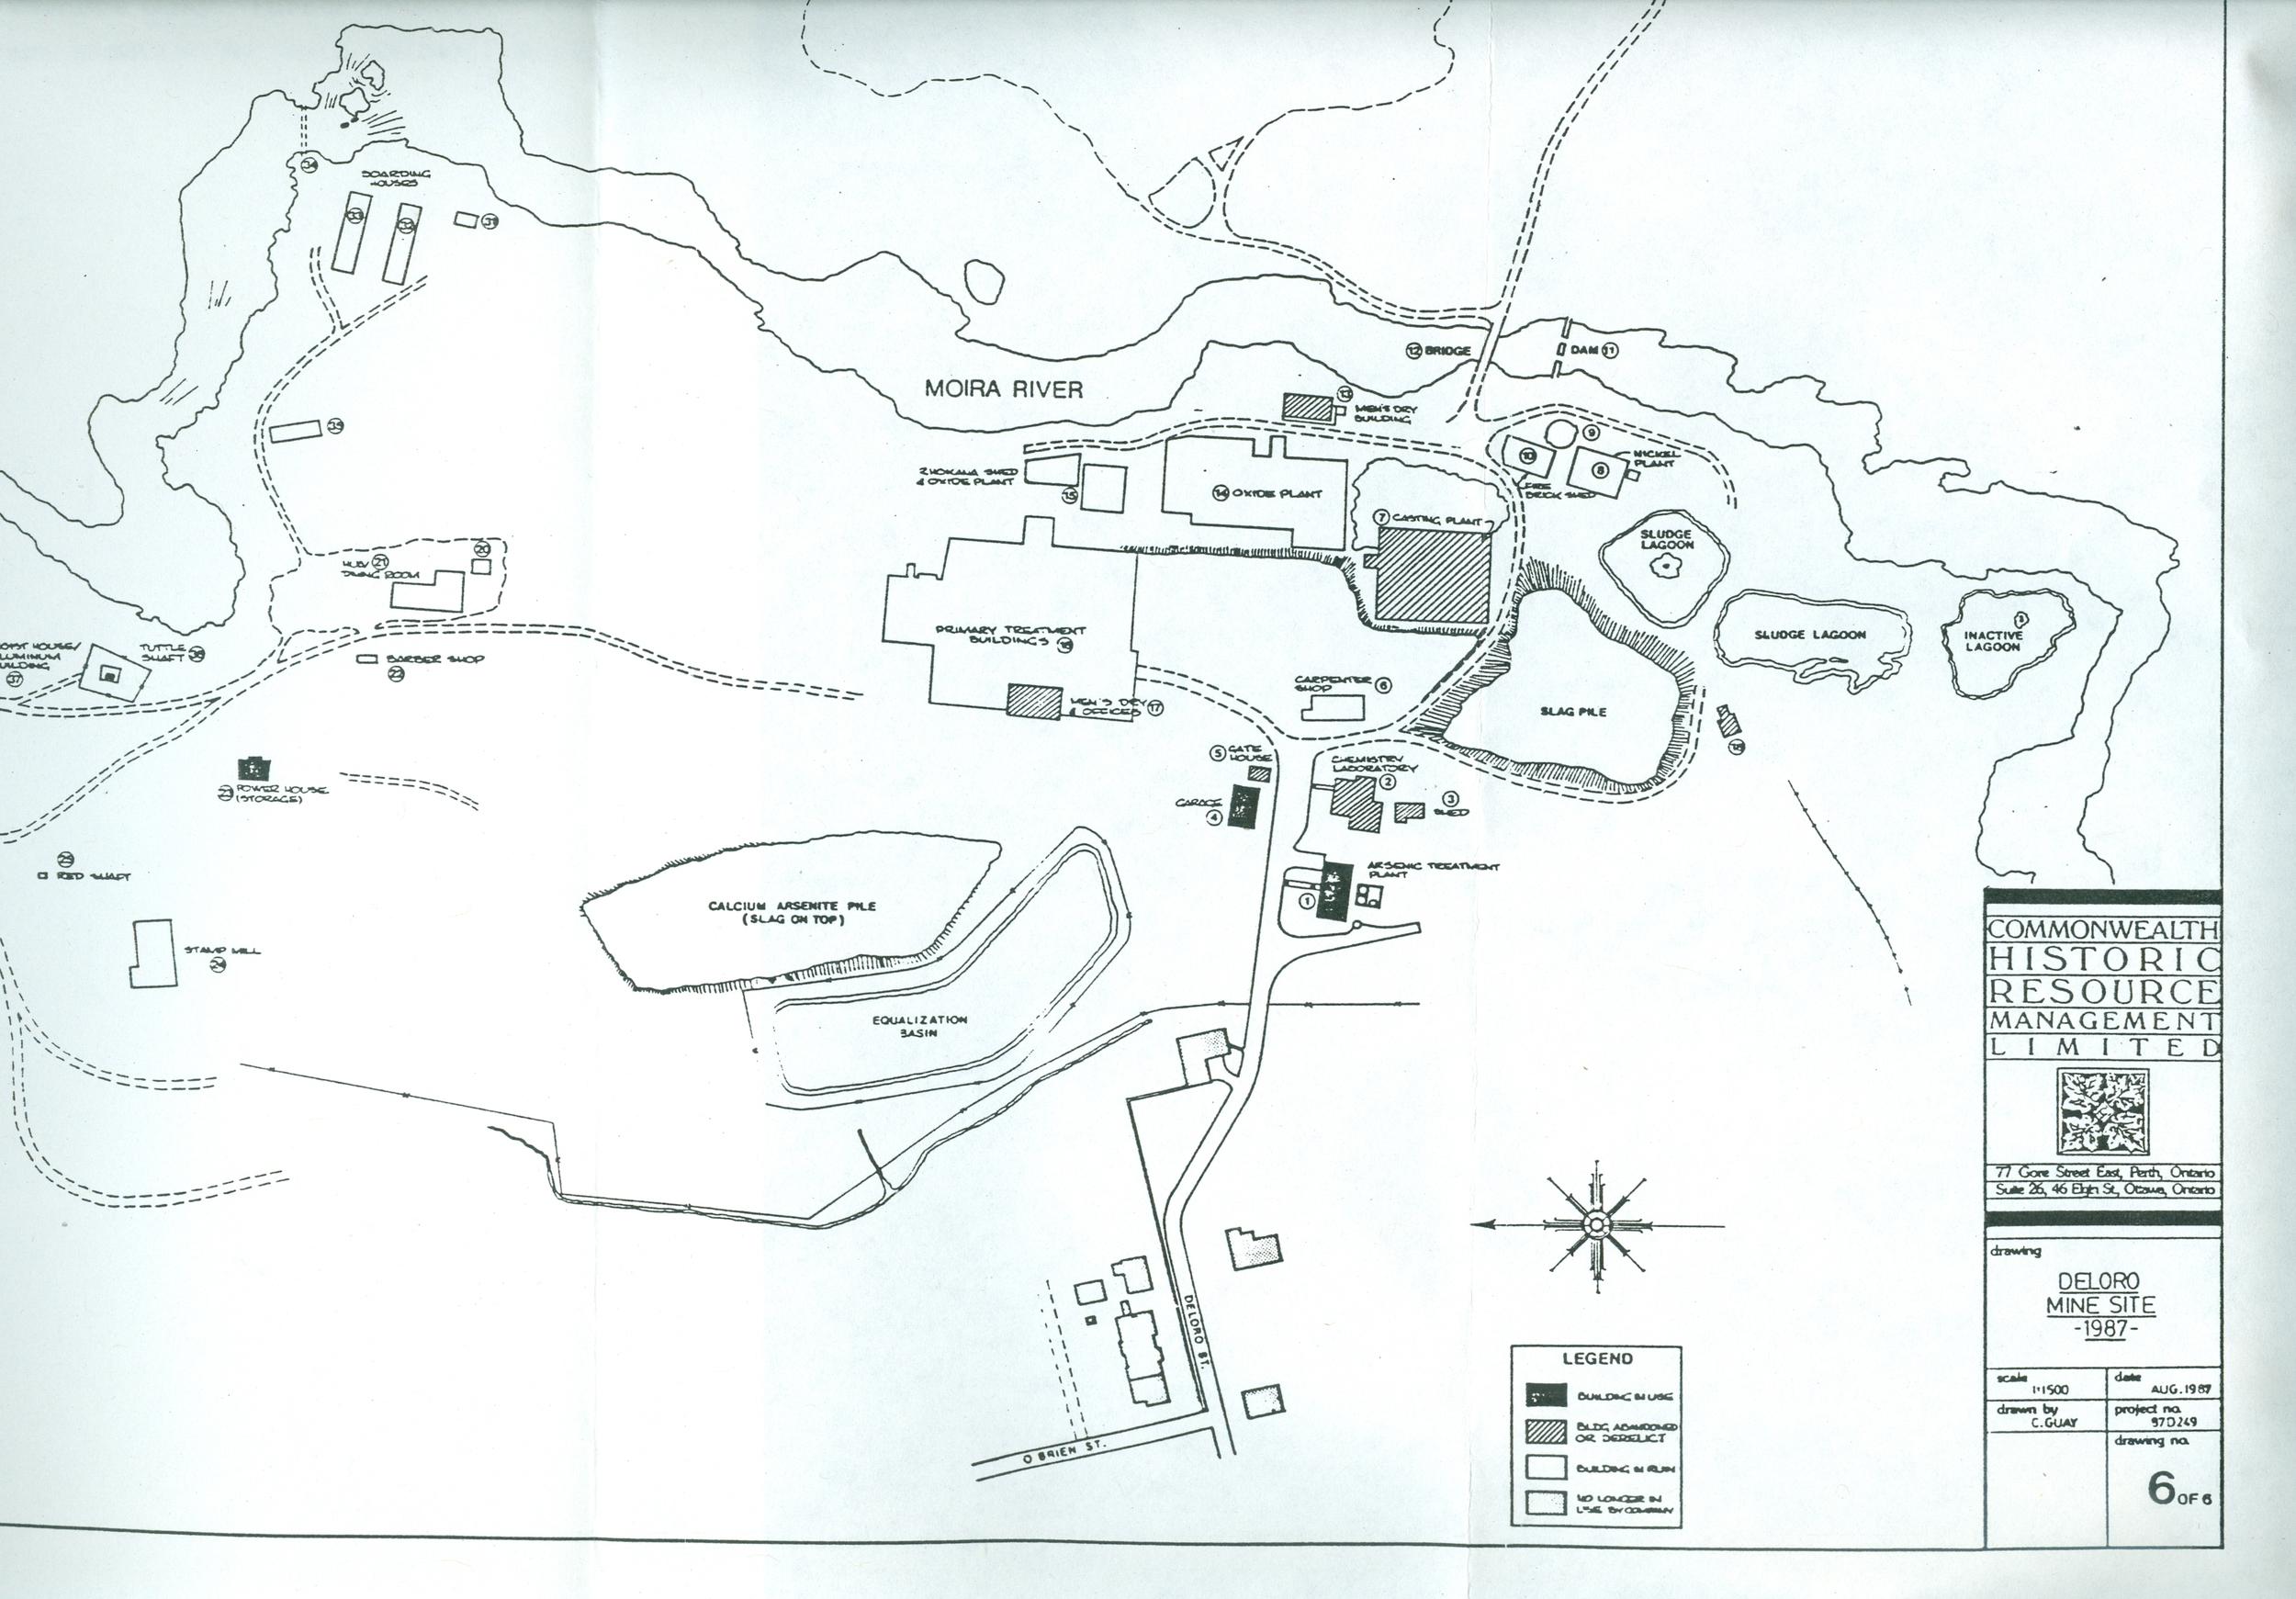 Map of Deloro site 1987.jpg